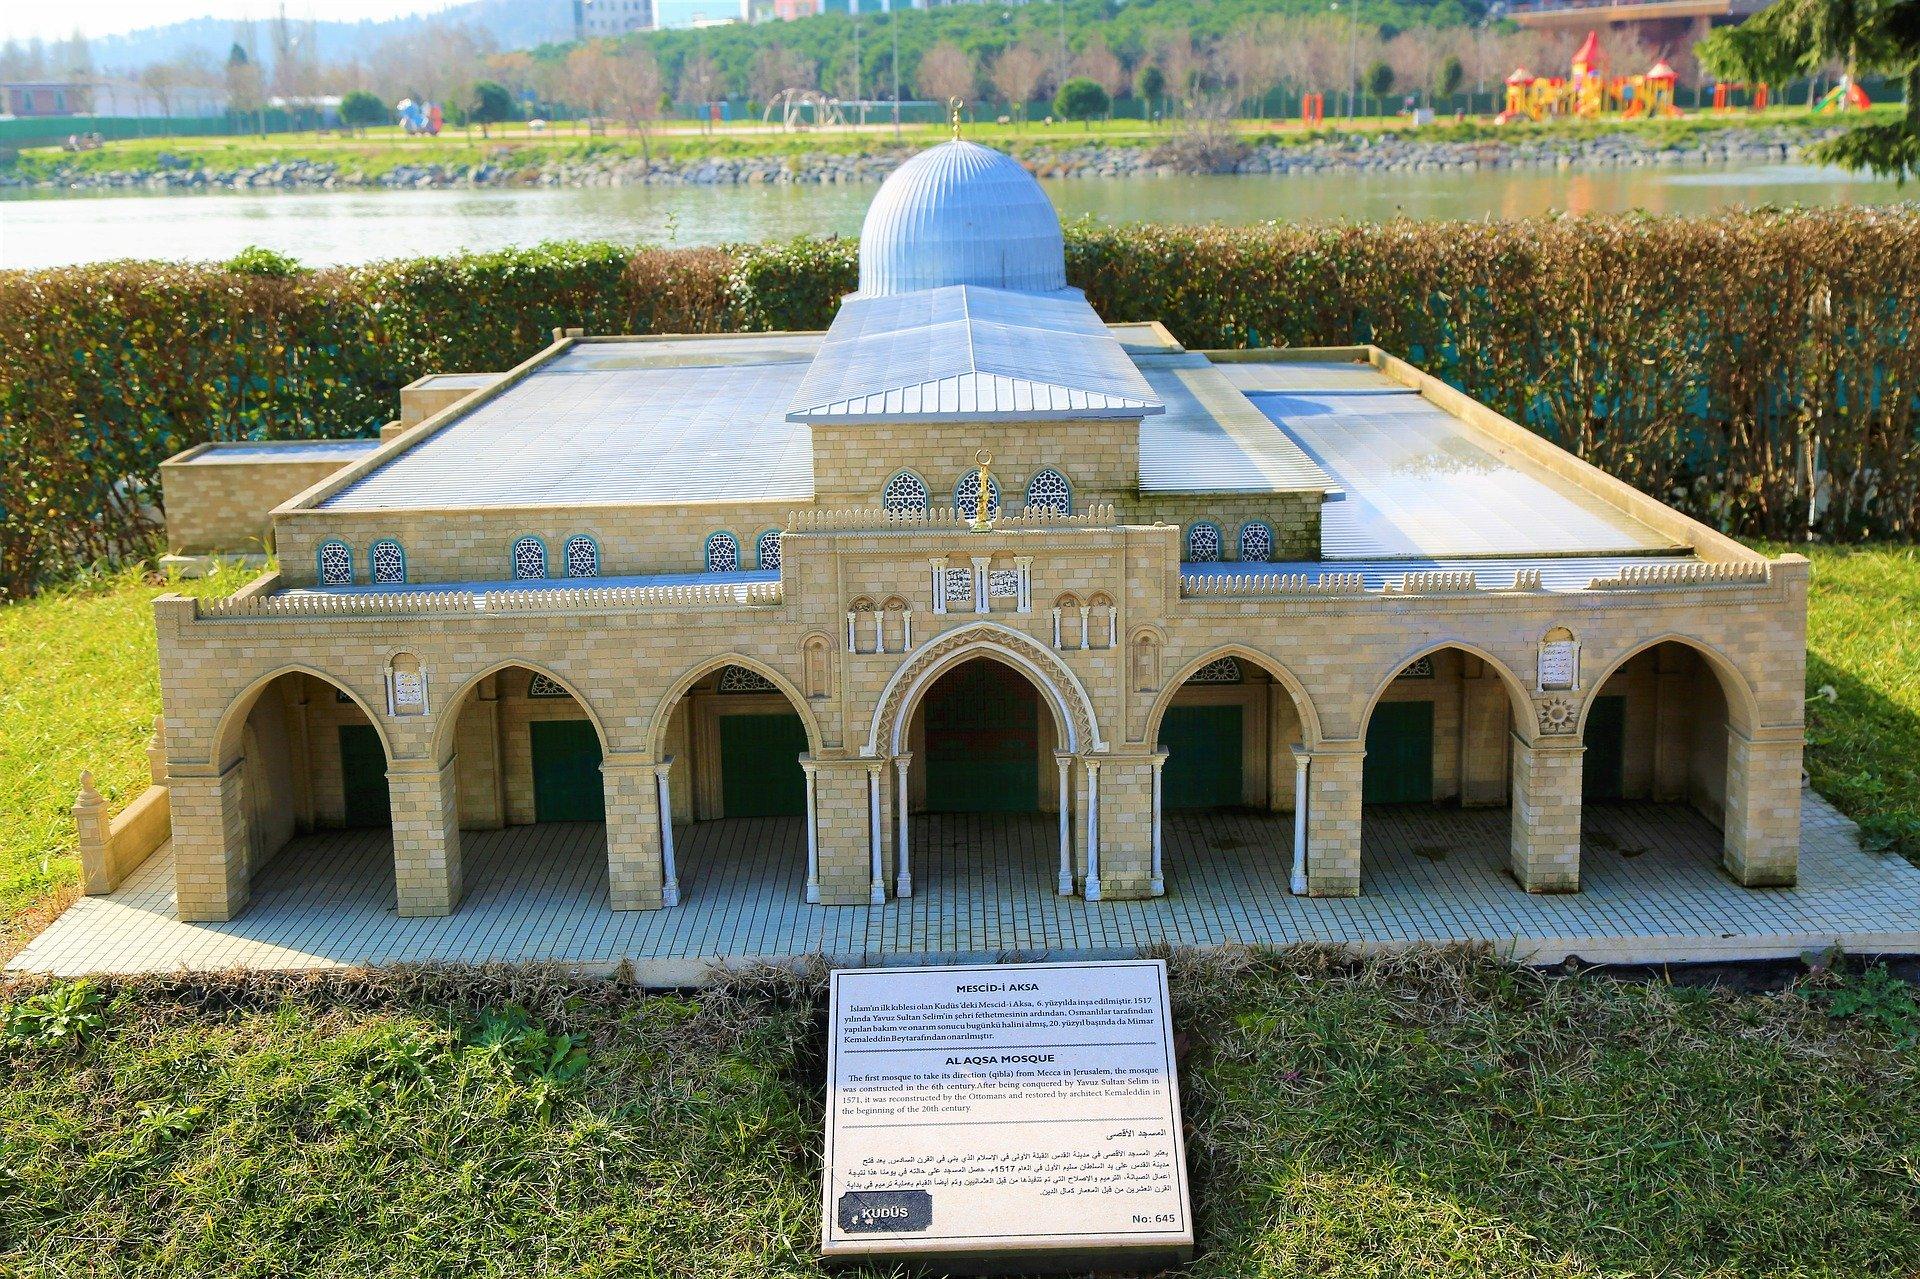 Famosos museos en miniatura de objetos arquitectónicos y ciudades